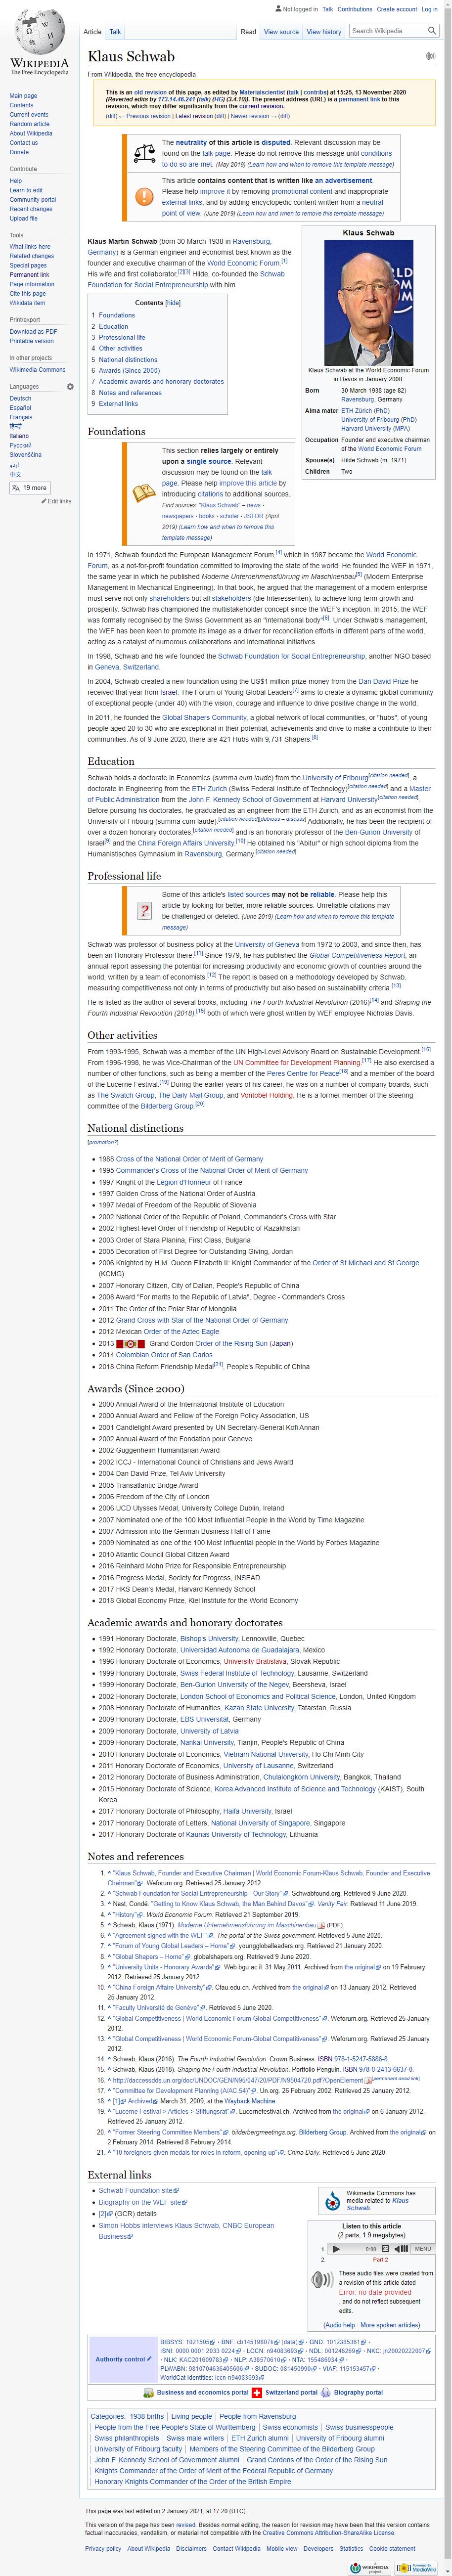 en.wikipedia.org_w_index.php_title=Klaus_Schwab&oldid=988497650.png